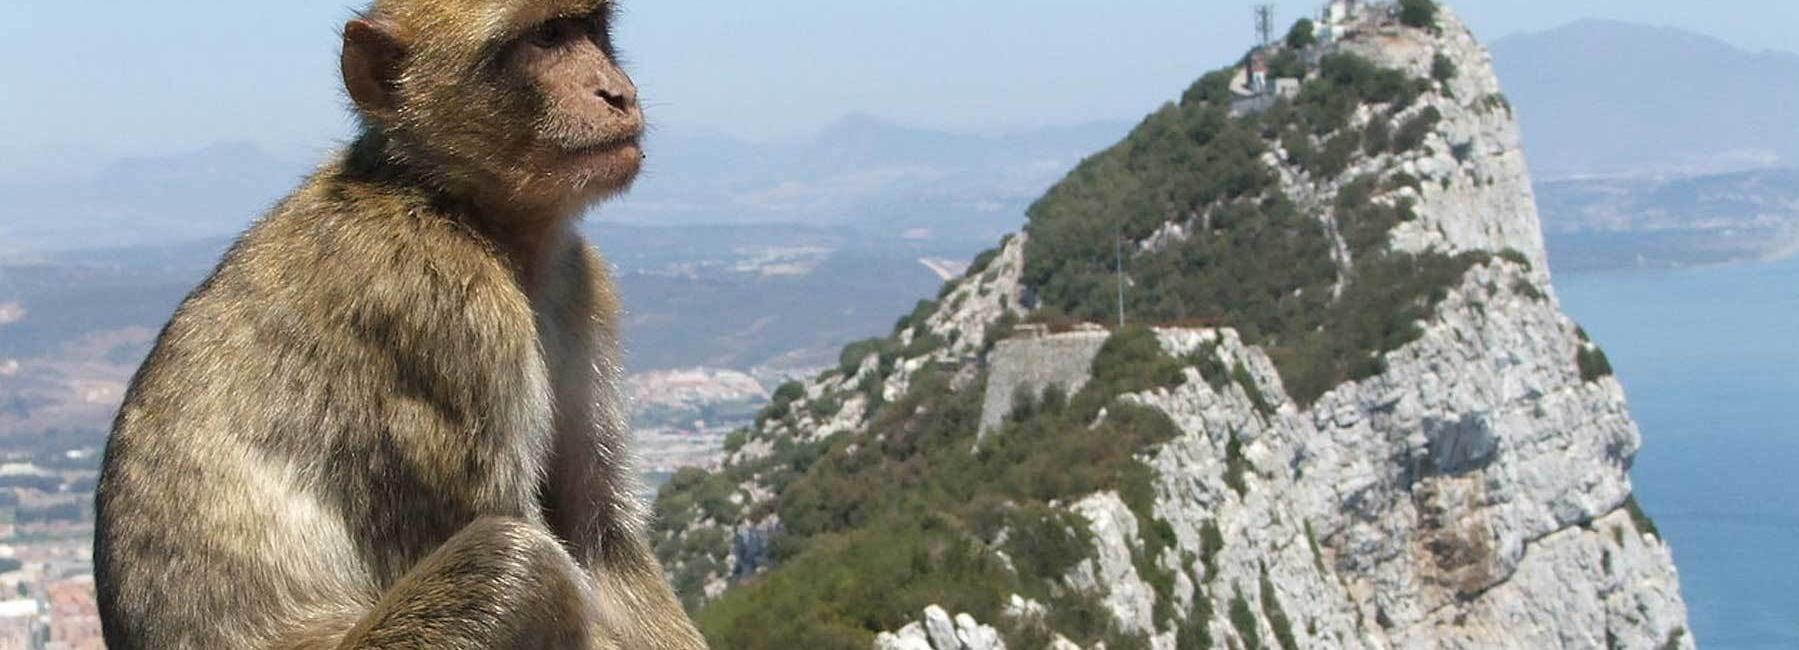 Directement de Malaga: excursion d'une journée à Gibraltar avec visite guidée